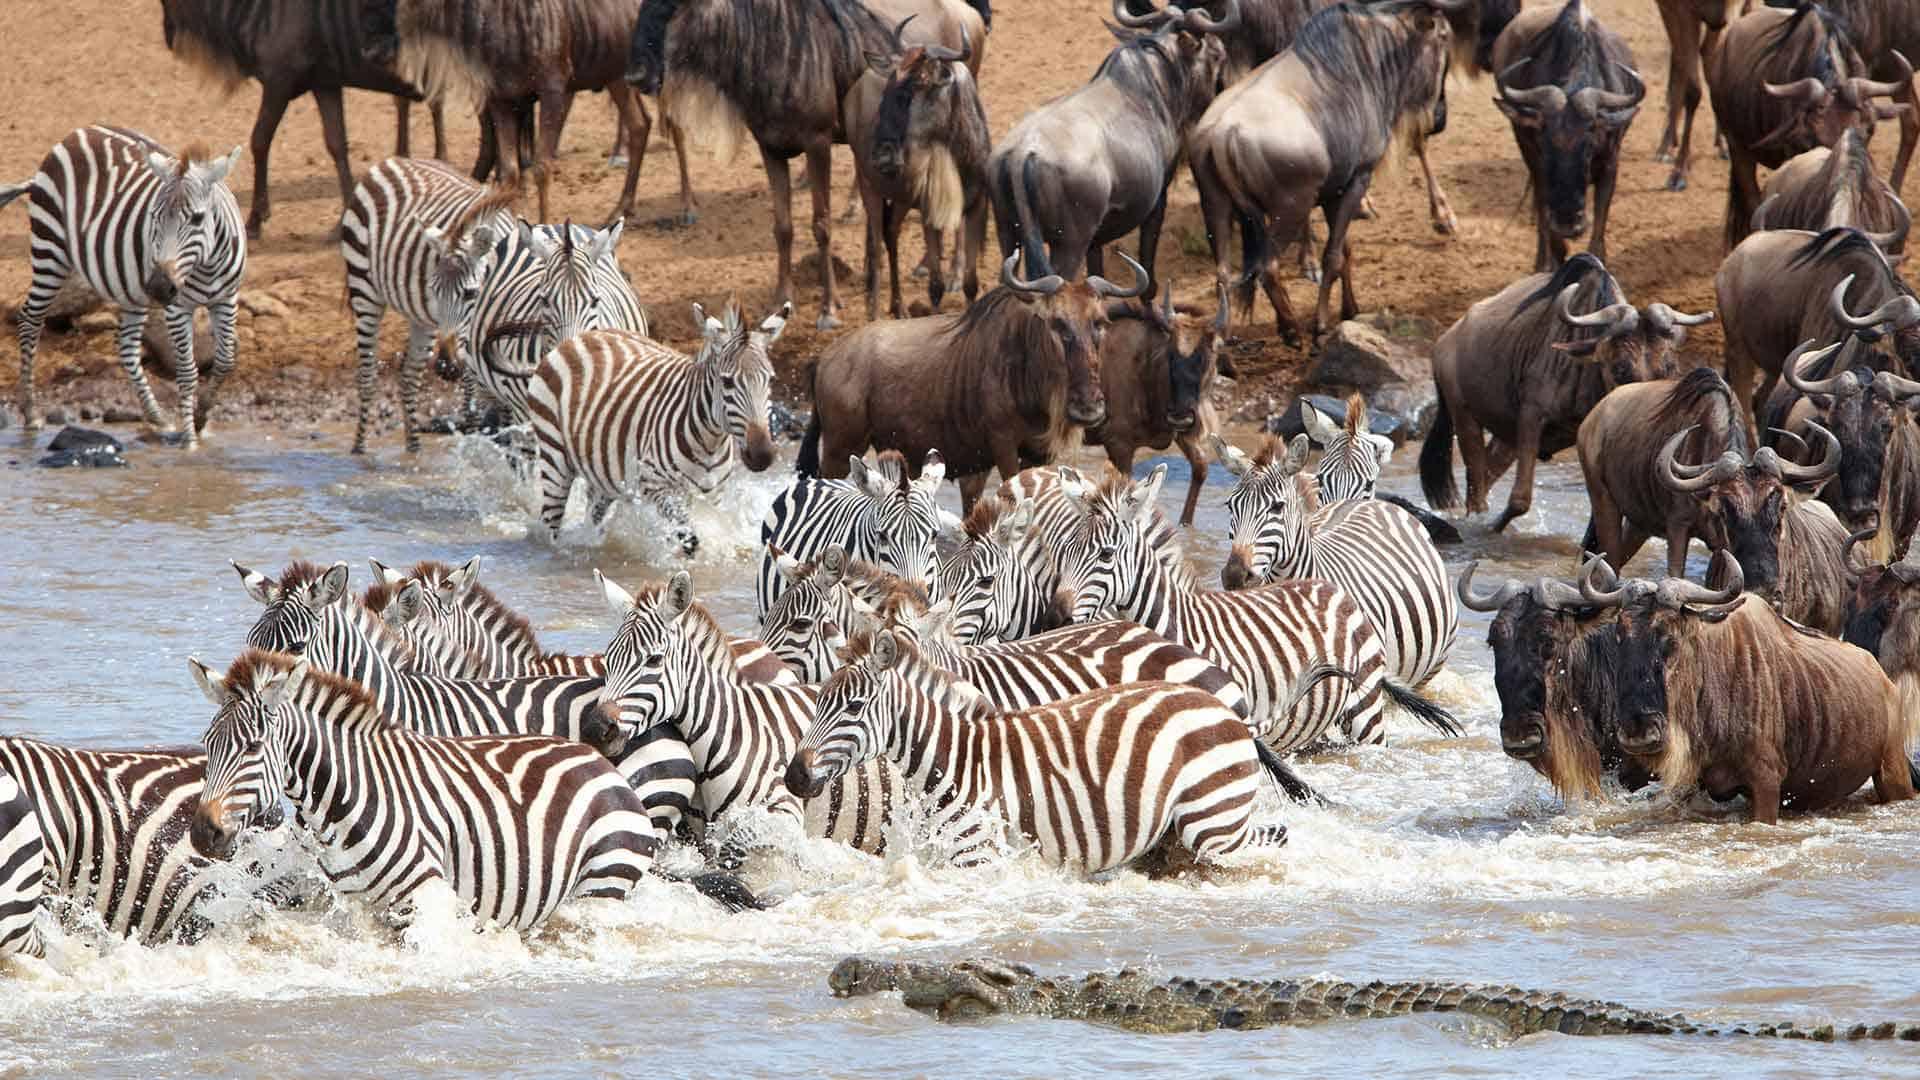 Wildebeest and zebra crossing Mara River in Tanzania, crocodile moving in for attack